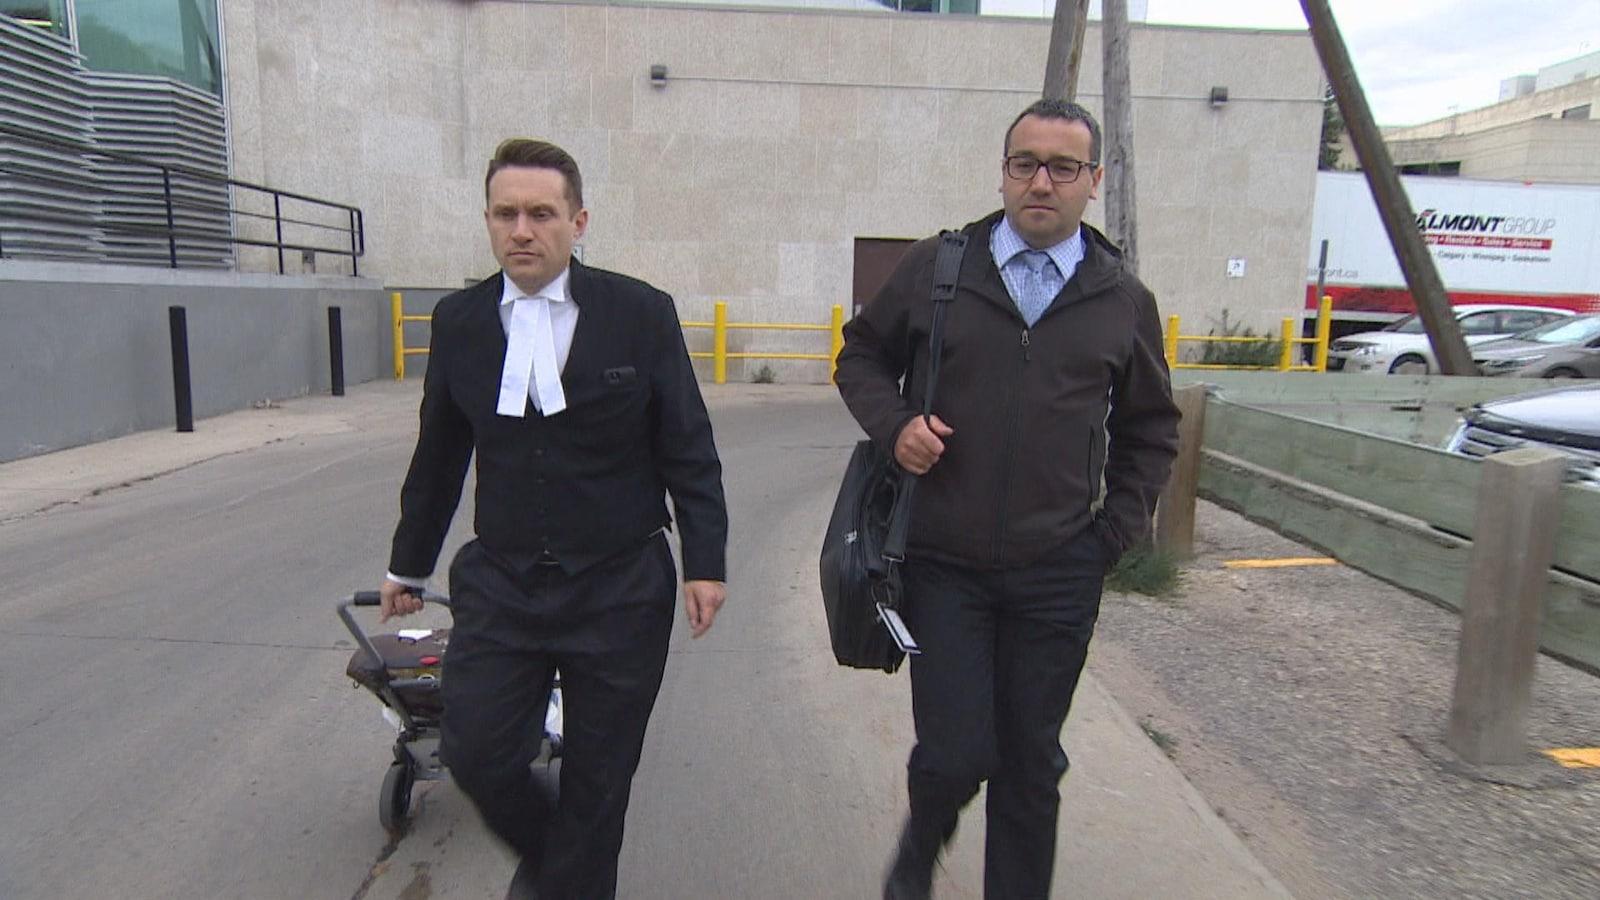 Deux hommes vêtus de noir marchent à l'extérieur.